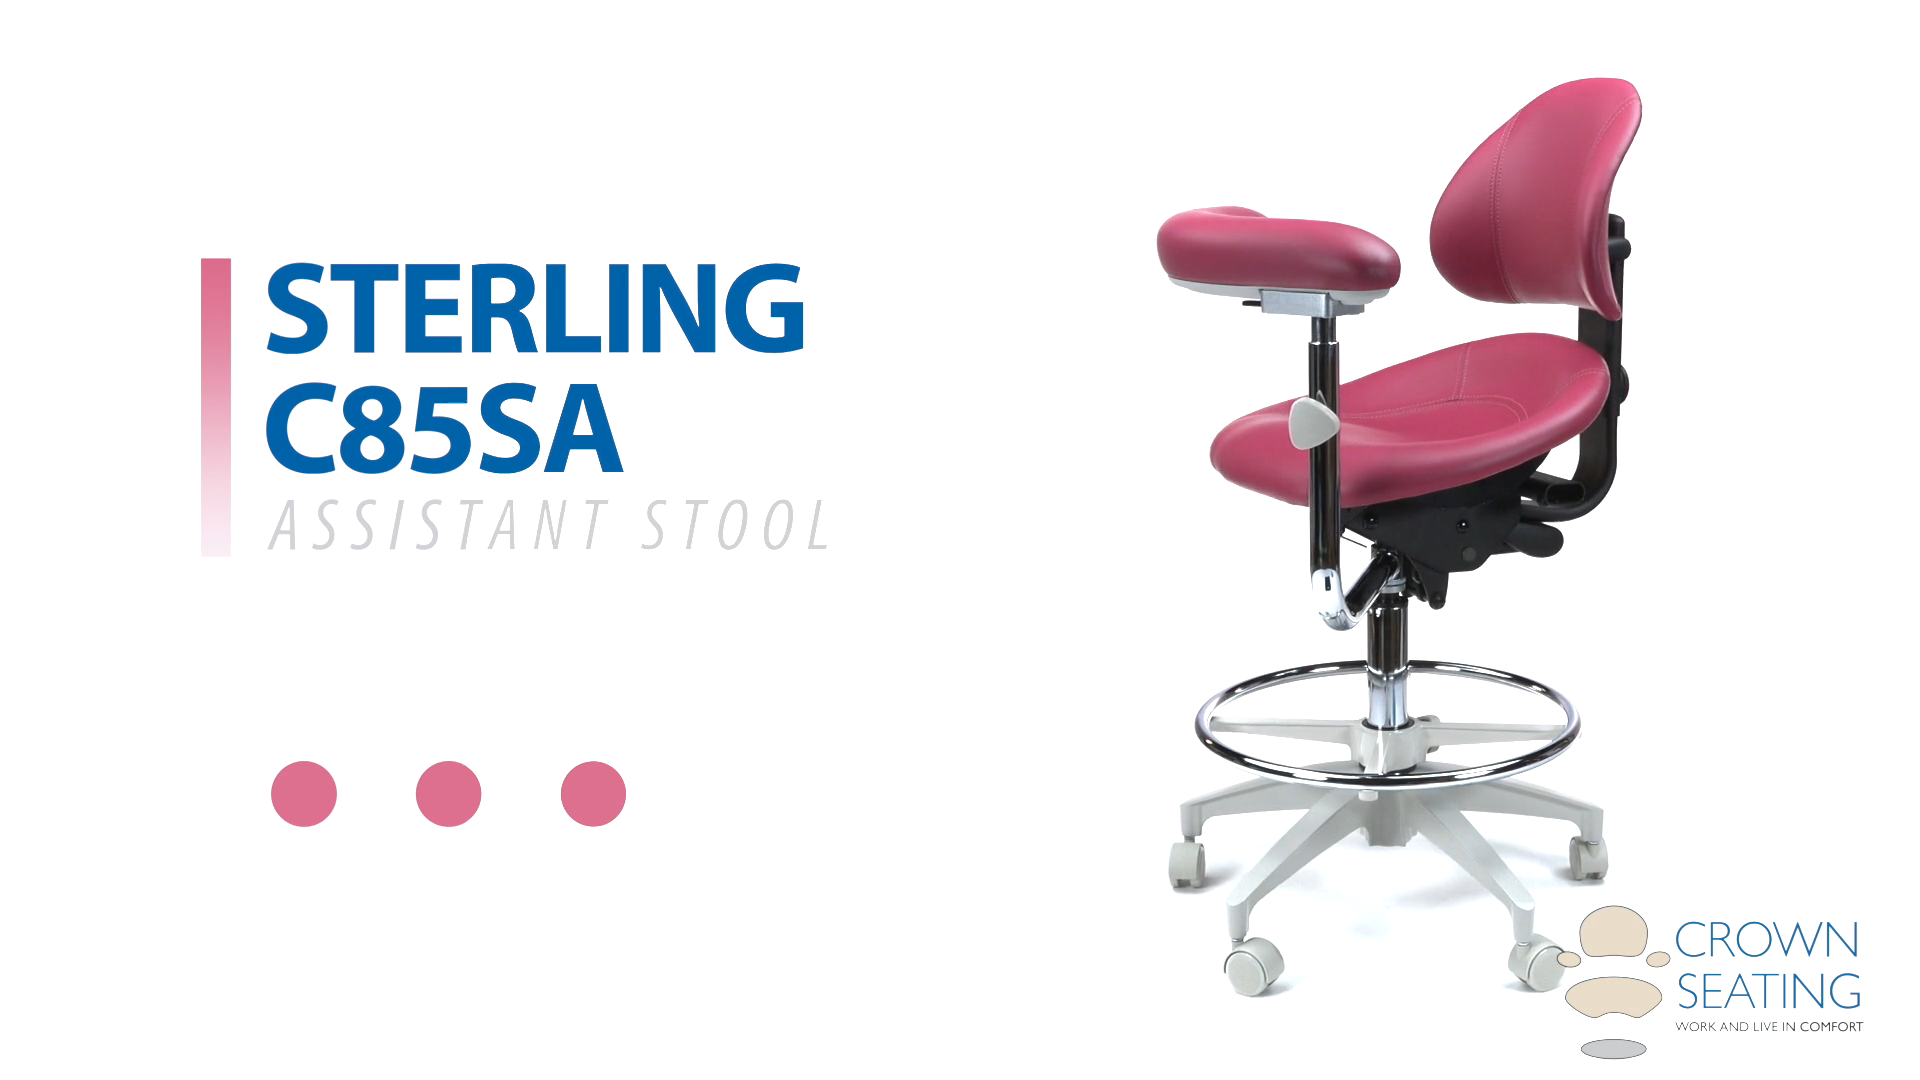 SterlingC35SA